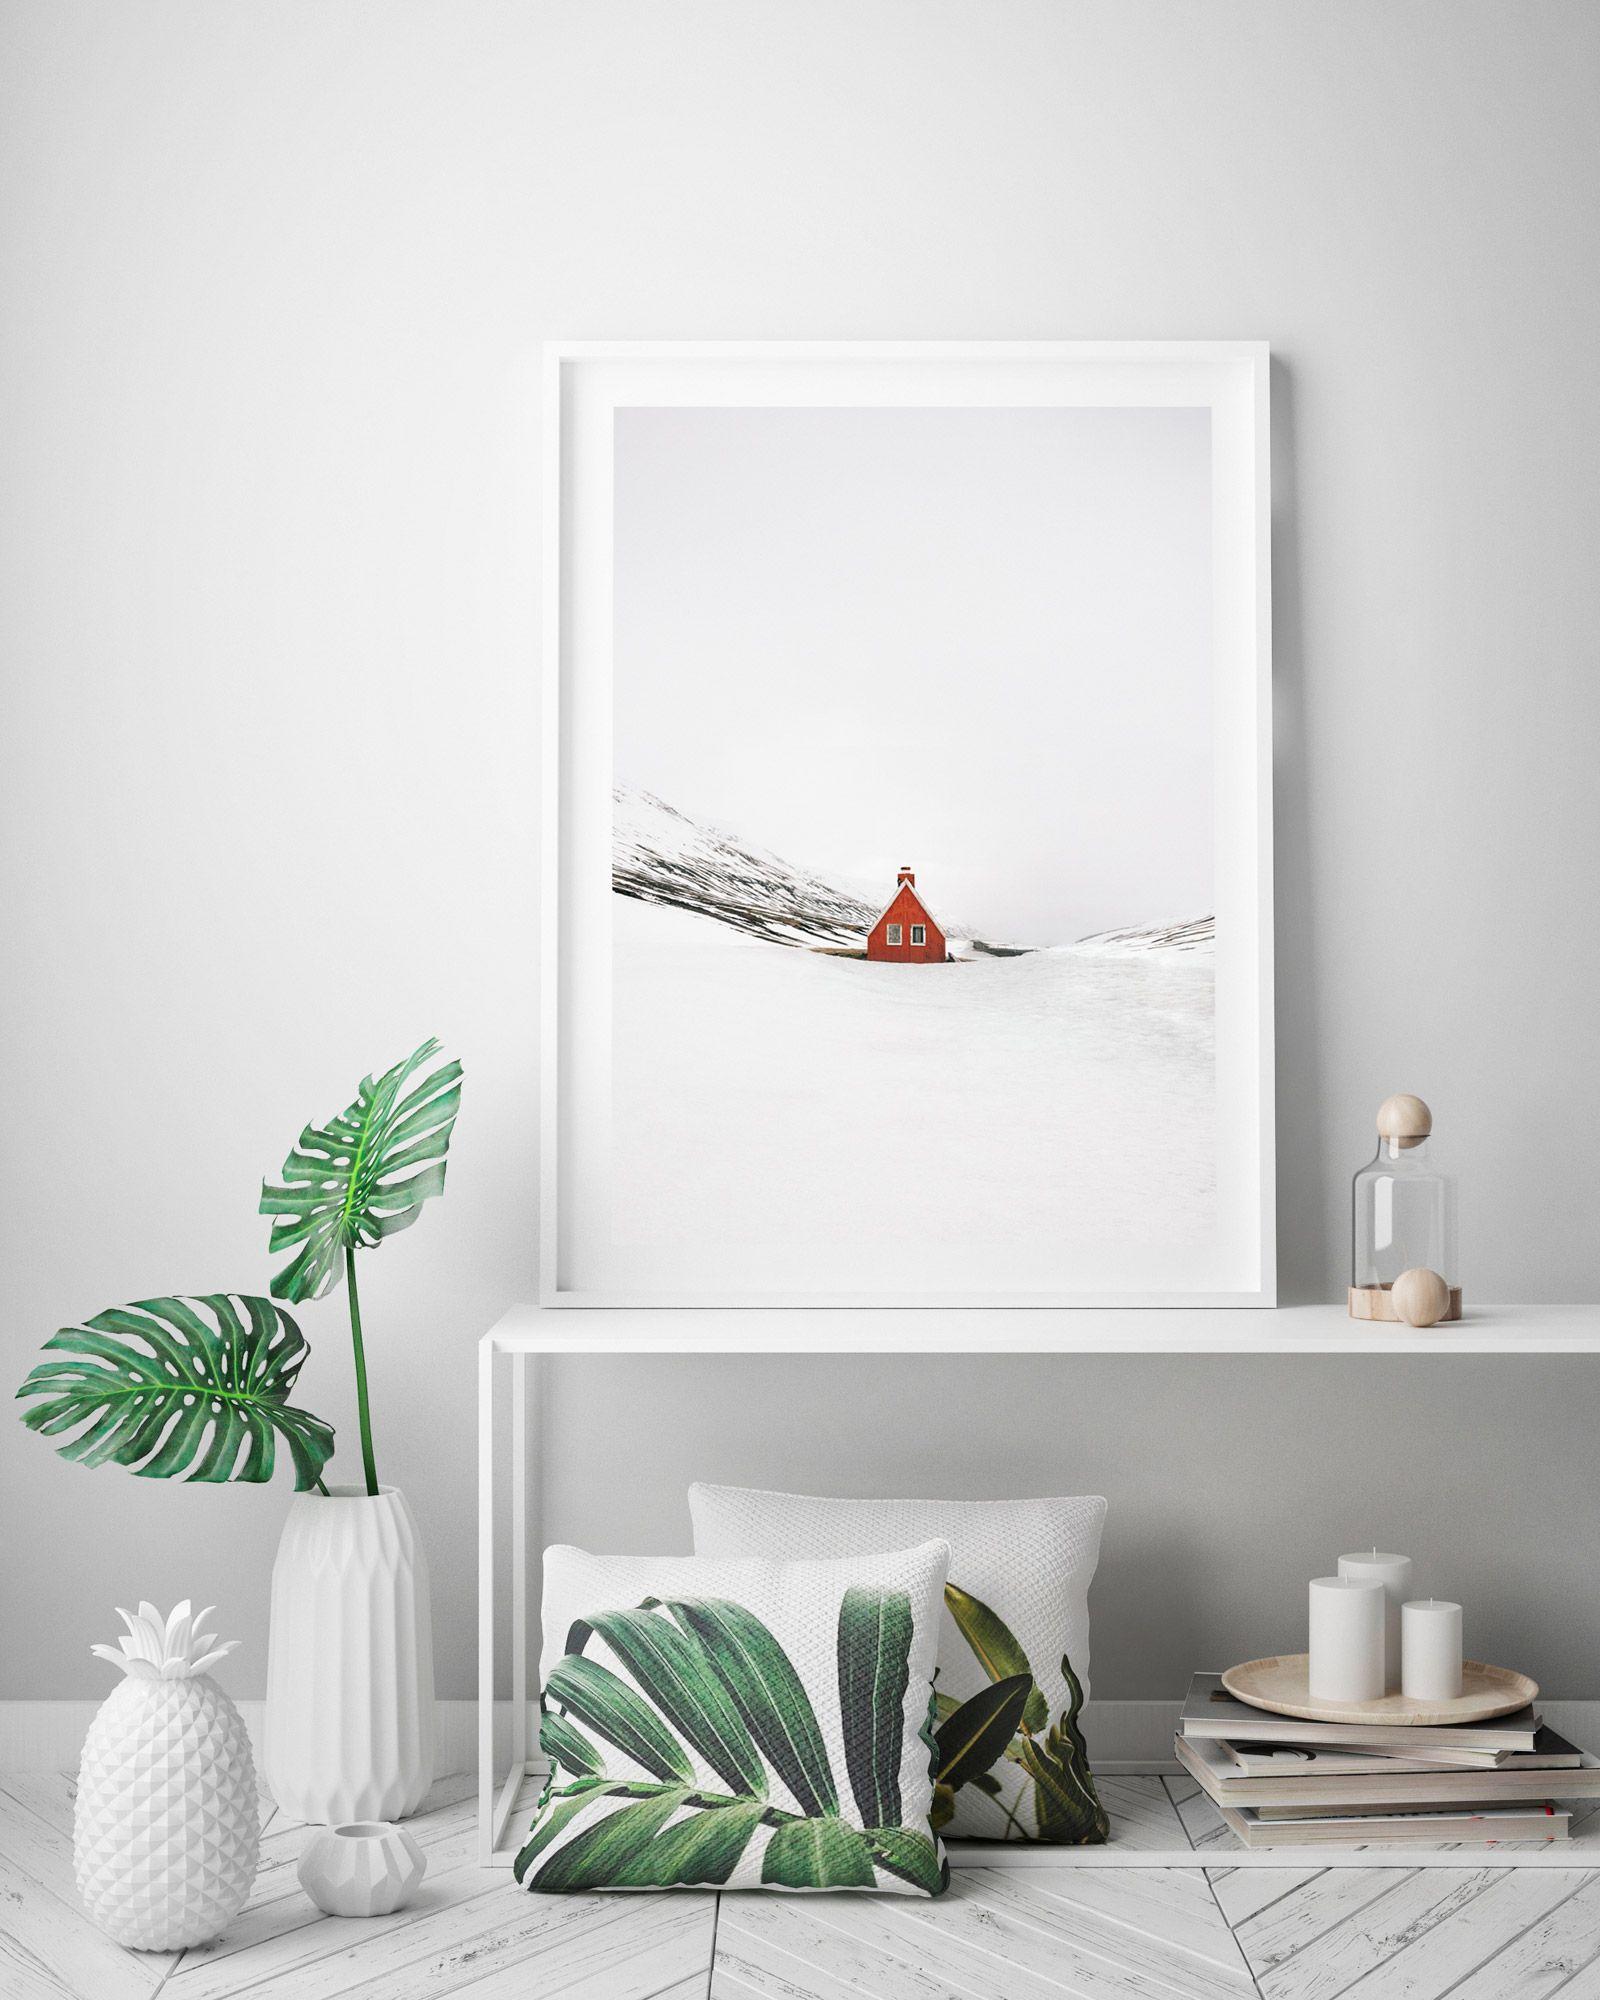 Nordic Print Minimalist Scandinavian Art Scandinavian Home Interiors Living Room Scandinavian Nordic Decor